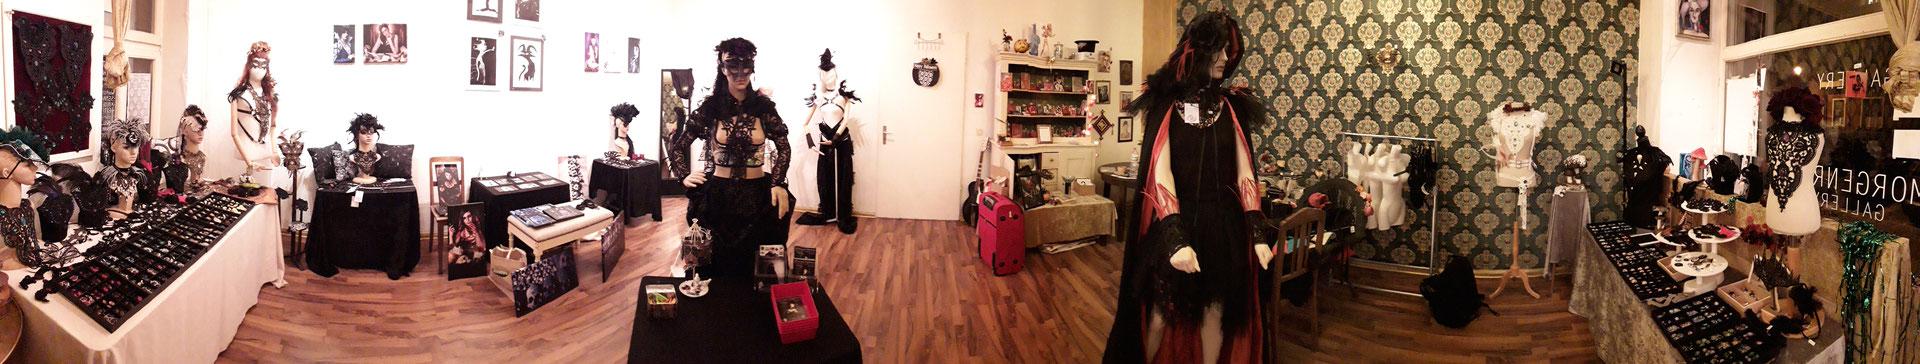 Gesamter Pop-up Store von Bloody Brilliants und Nebula Berlin in der Morgenrot Gallery